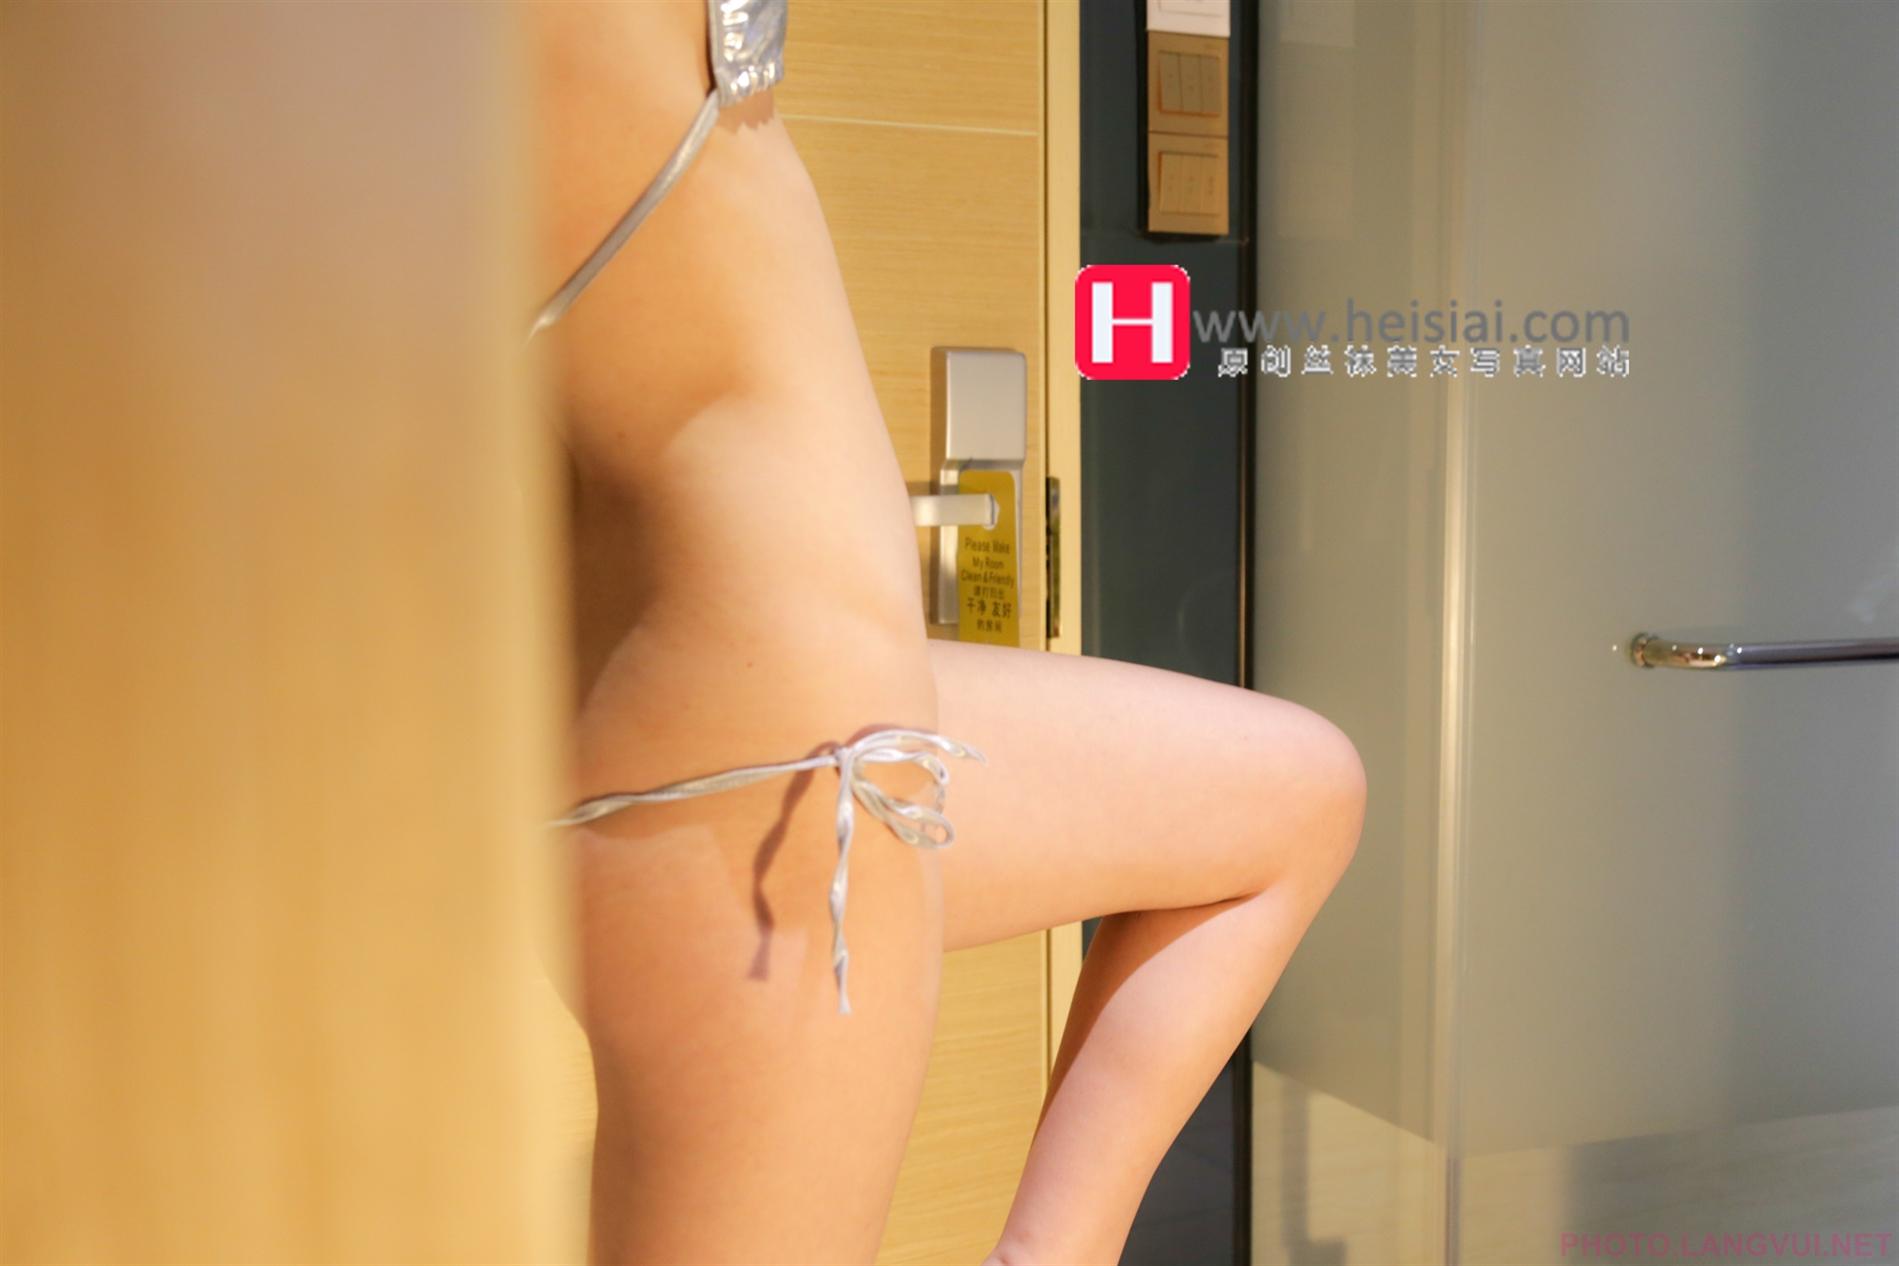 HeiSiAi No 006